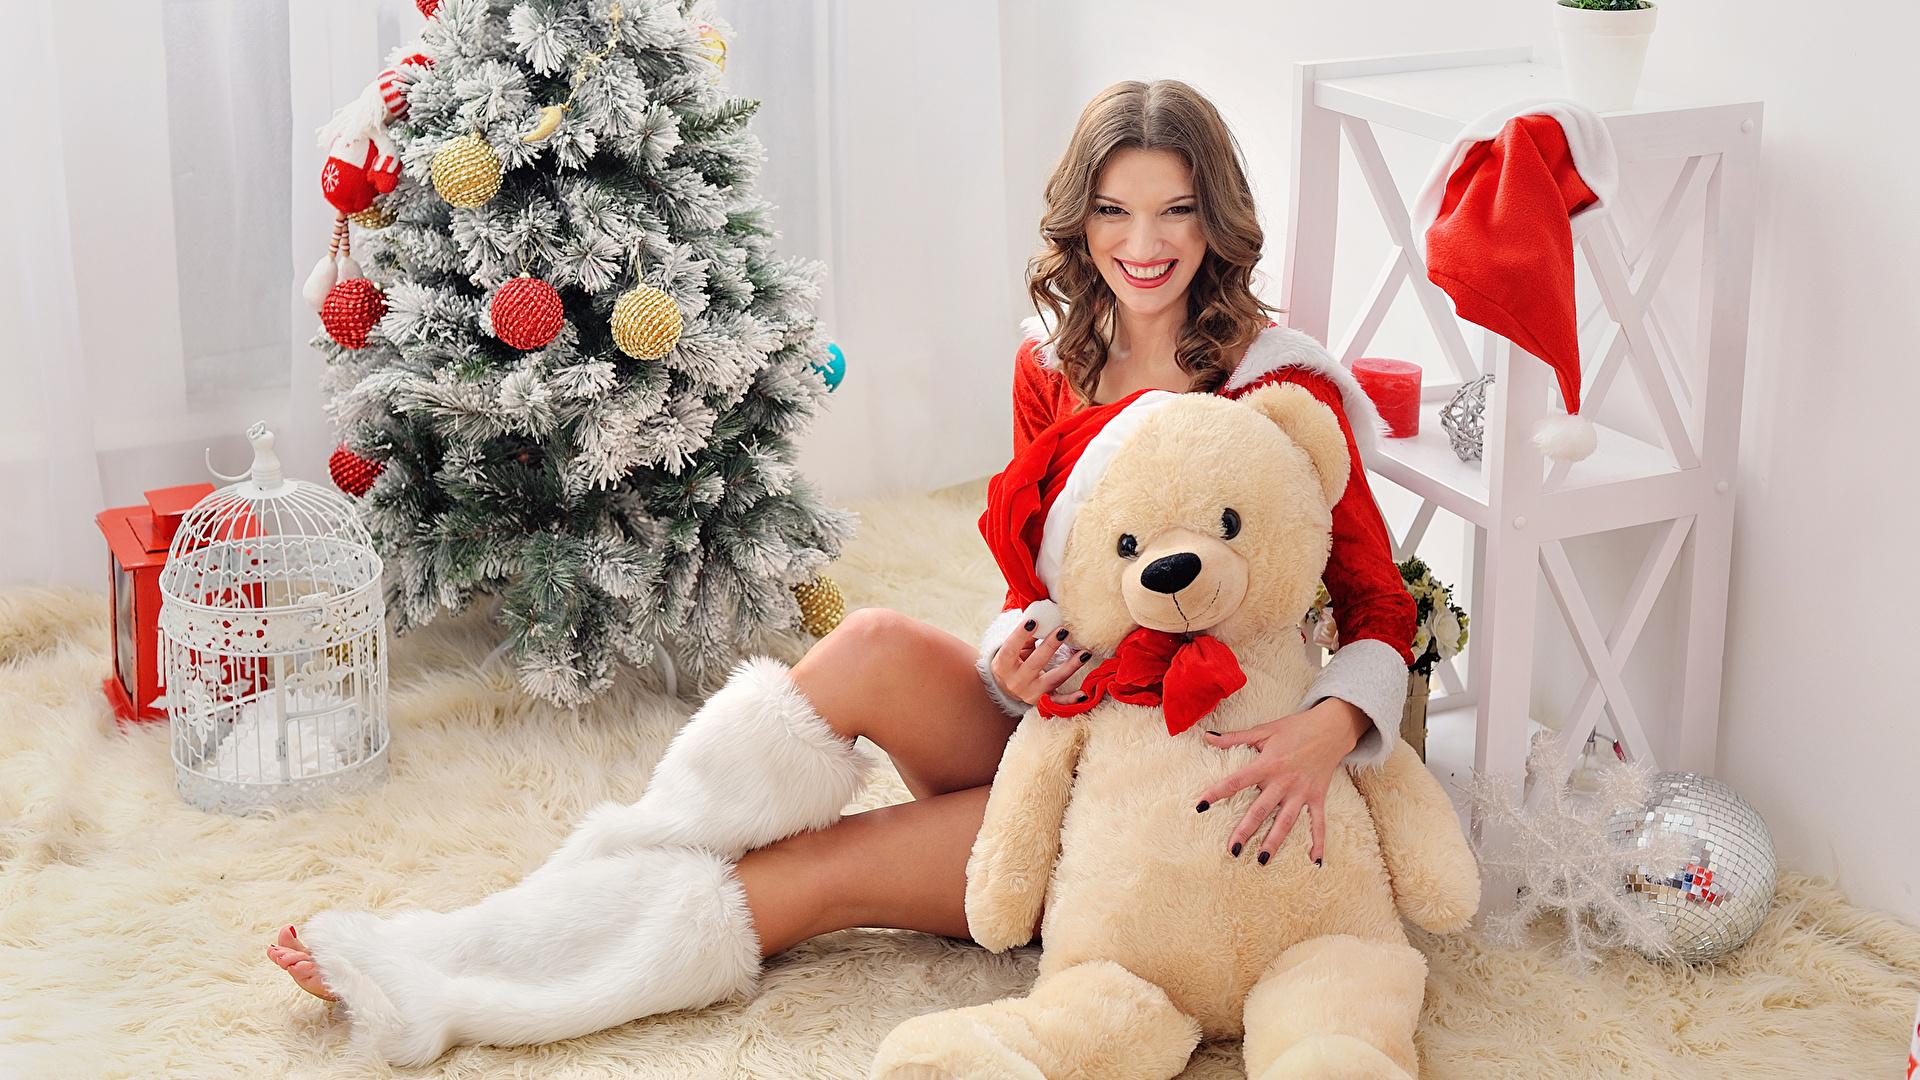 Hintergrundbilder Neujahr Braune Haare Lächeln Mädchens Weihnachtsbaum Teddy Sitzend Blick 1920x1080 Braunhaarige Christbaum Tannenbaum Teddybär Knuddelbär sitzt sitzen Starren